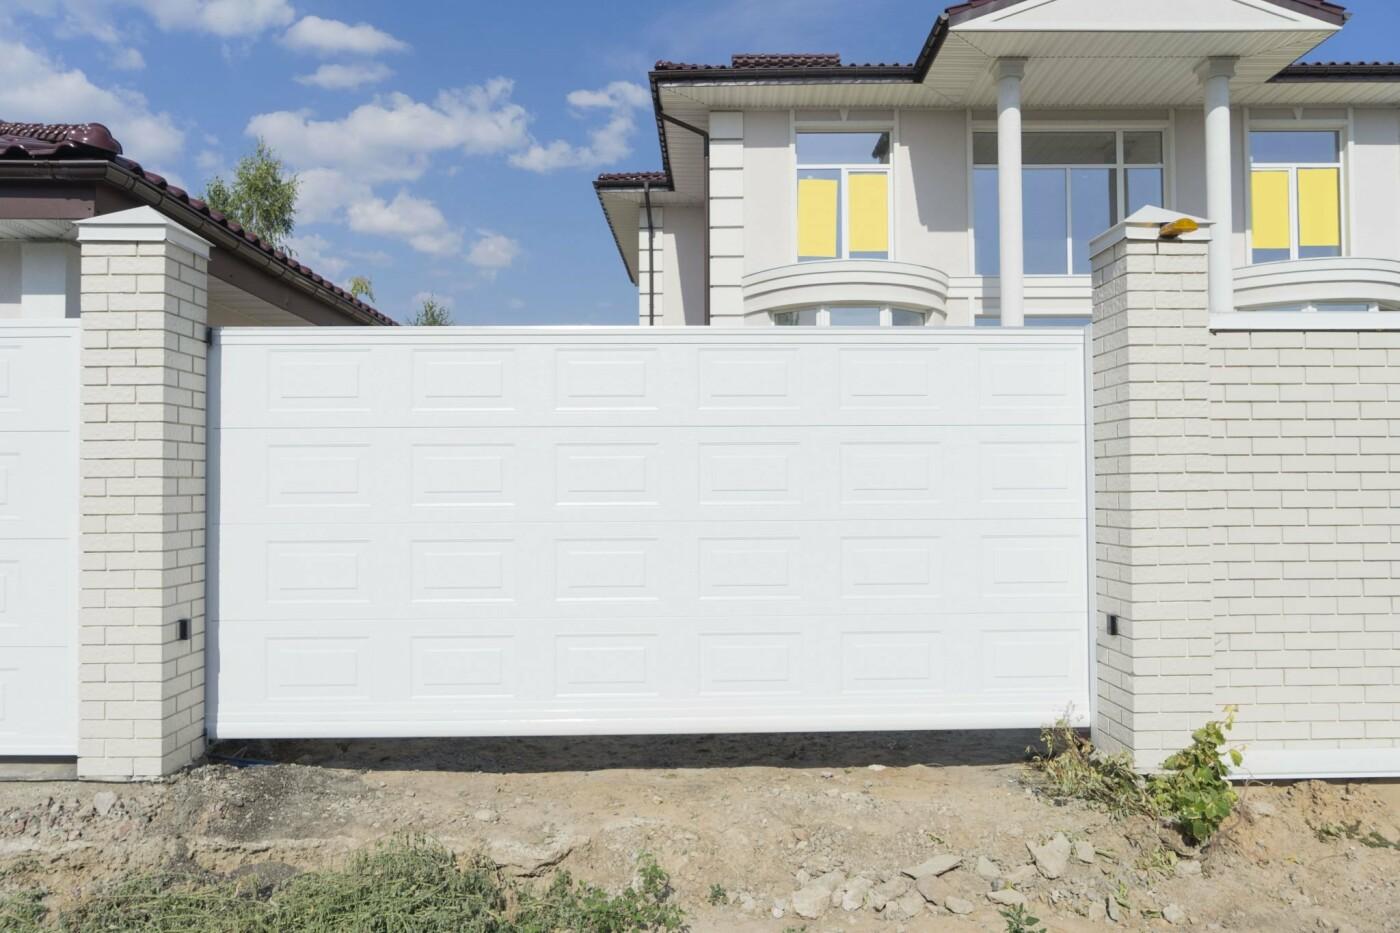 Як захистити свій будинок і зробити його комфортним?, фото-3